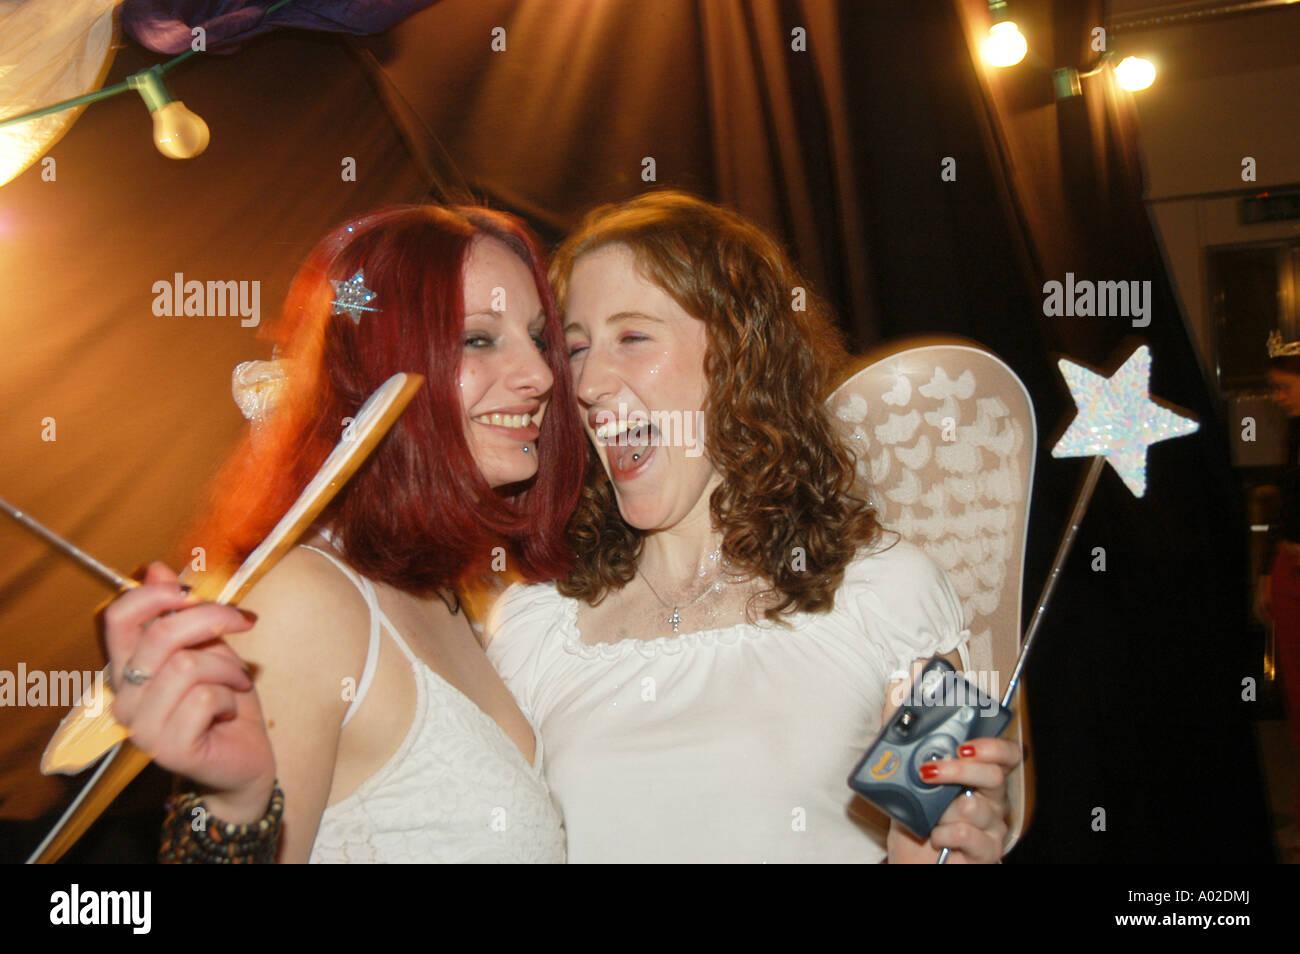 Ziemlich Verkleiden Mädchen Partei Fotos - Hochzeit Kleid Stile ...